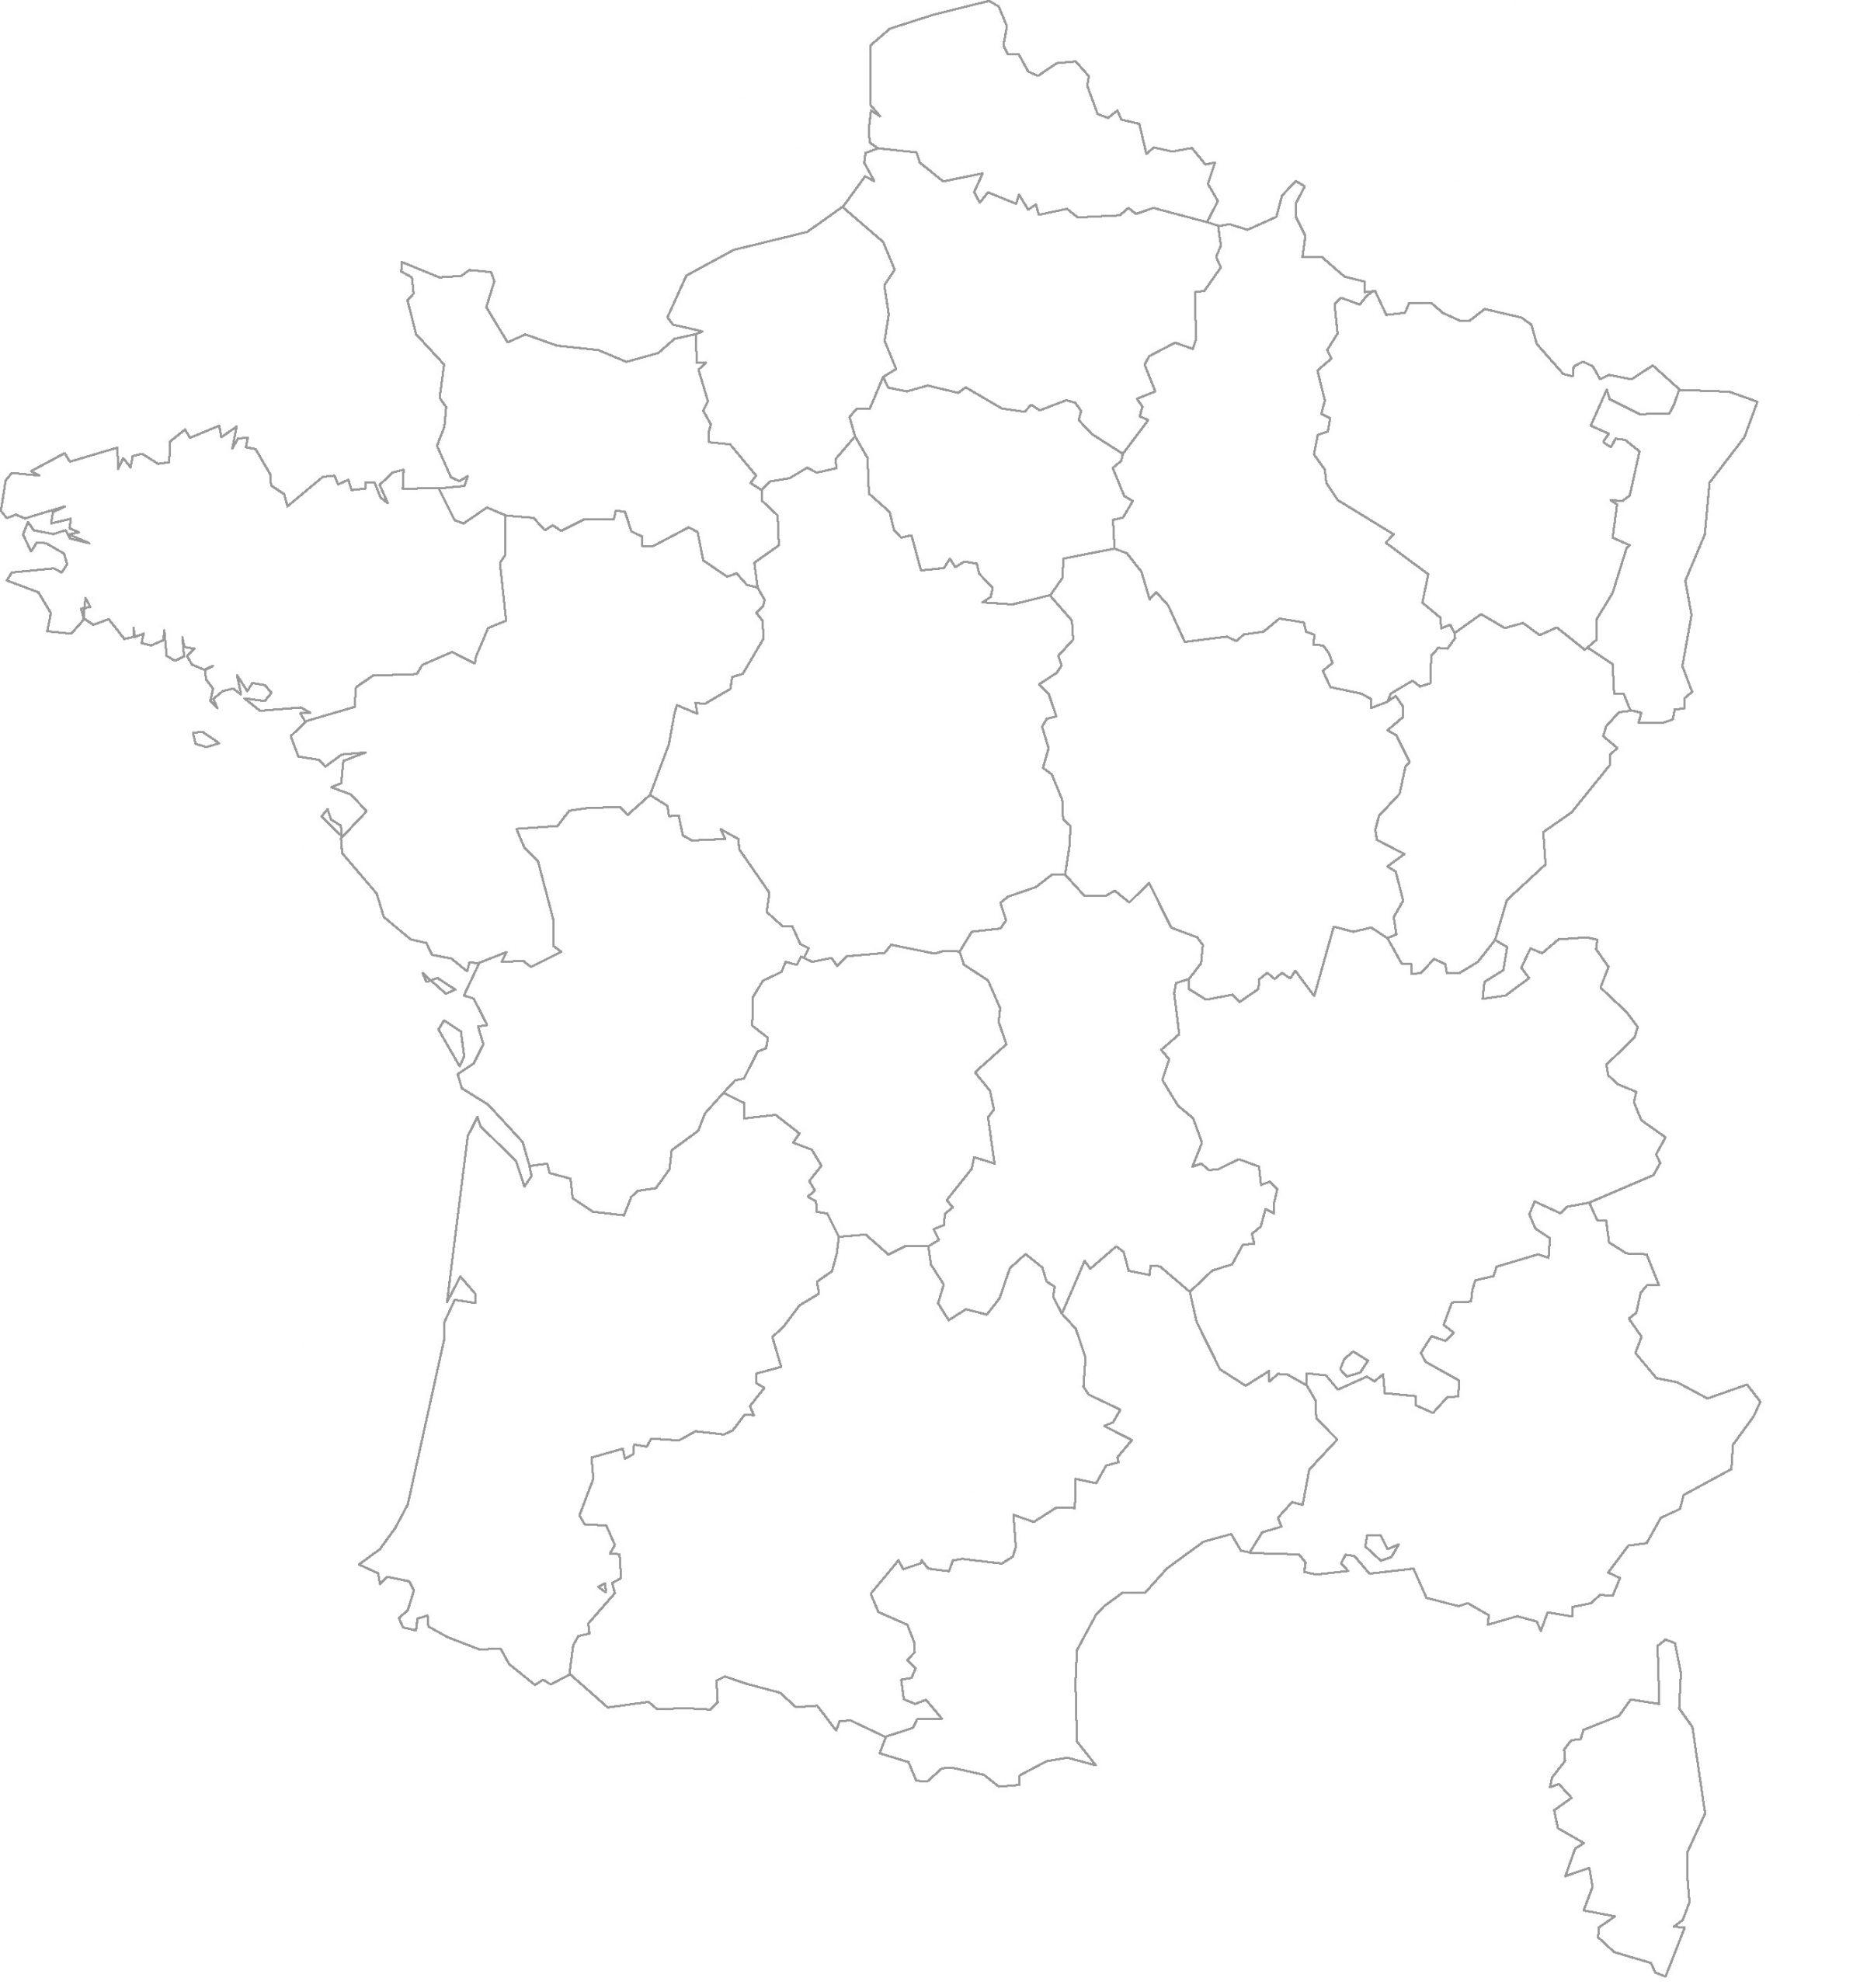 Cartes Muettes De La France À Imprimer - Chroniques à Carte De France Muette À Compléter